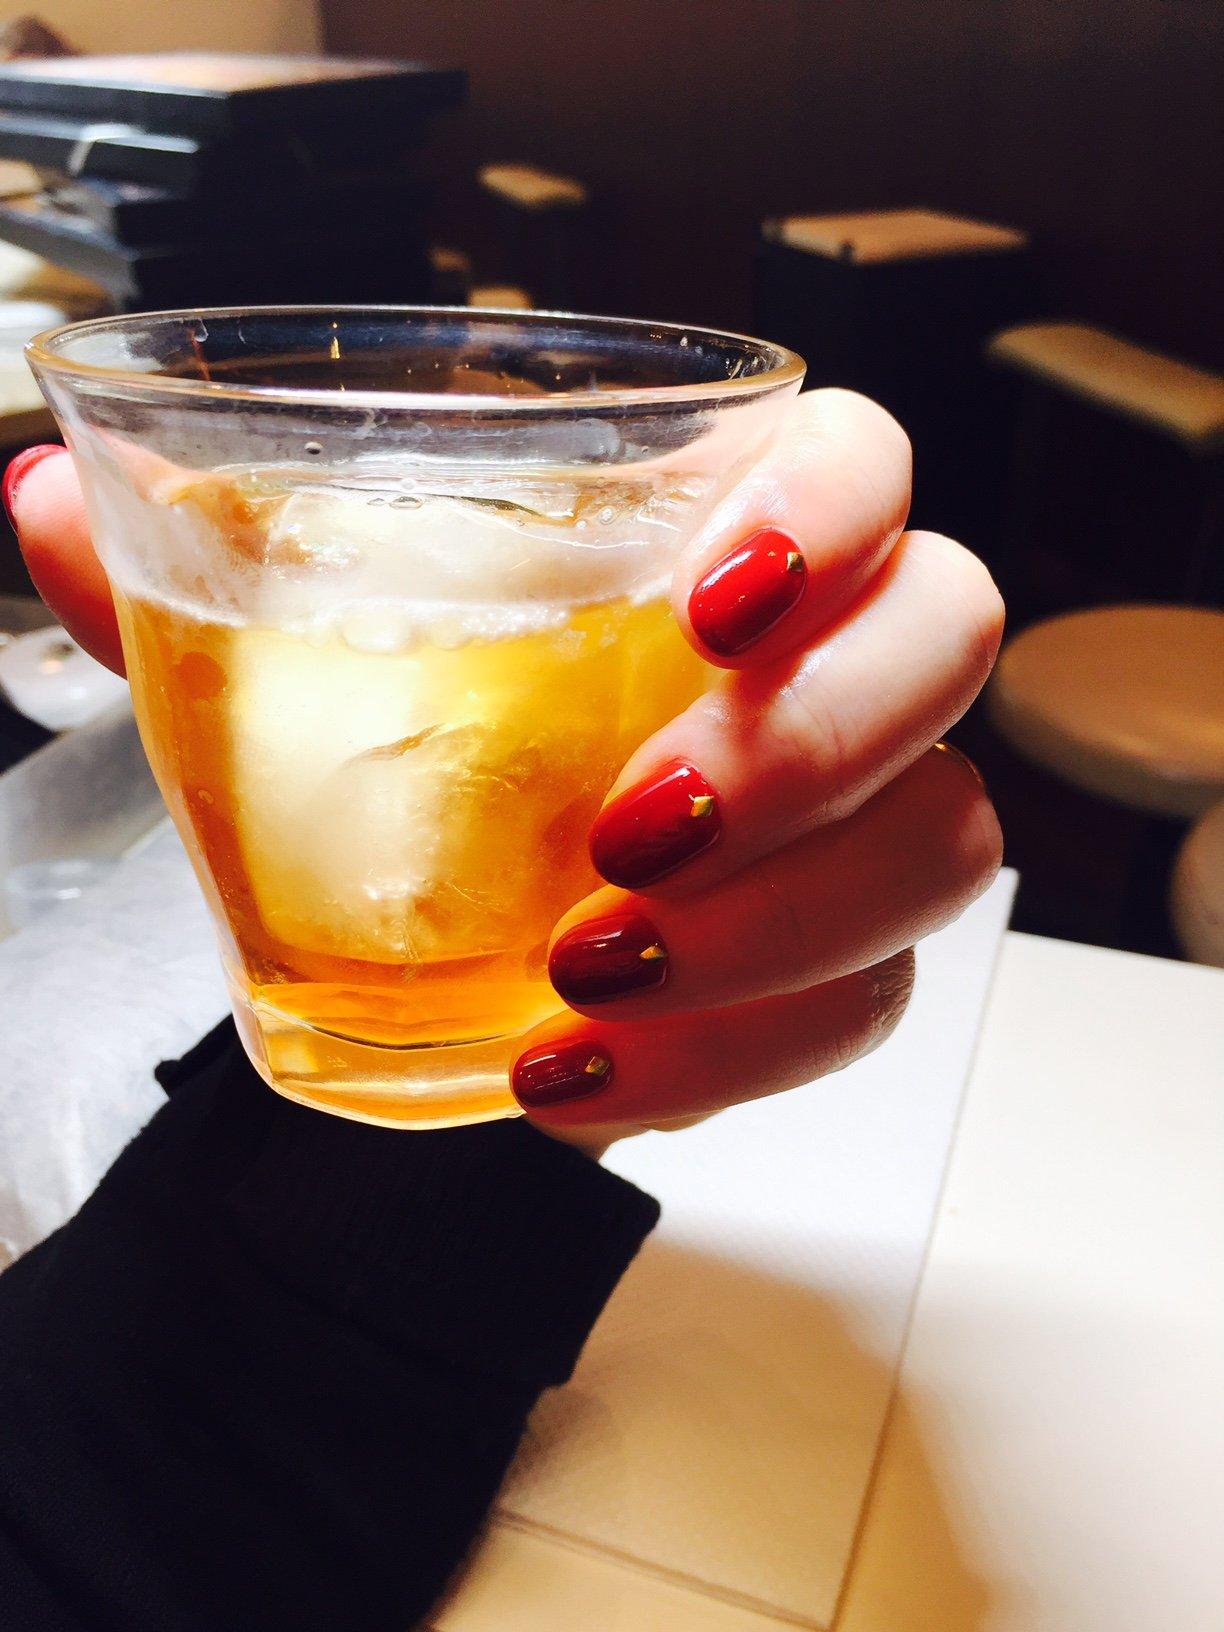 L'esperienza della manicure a Tokyo